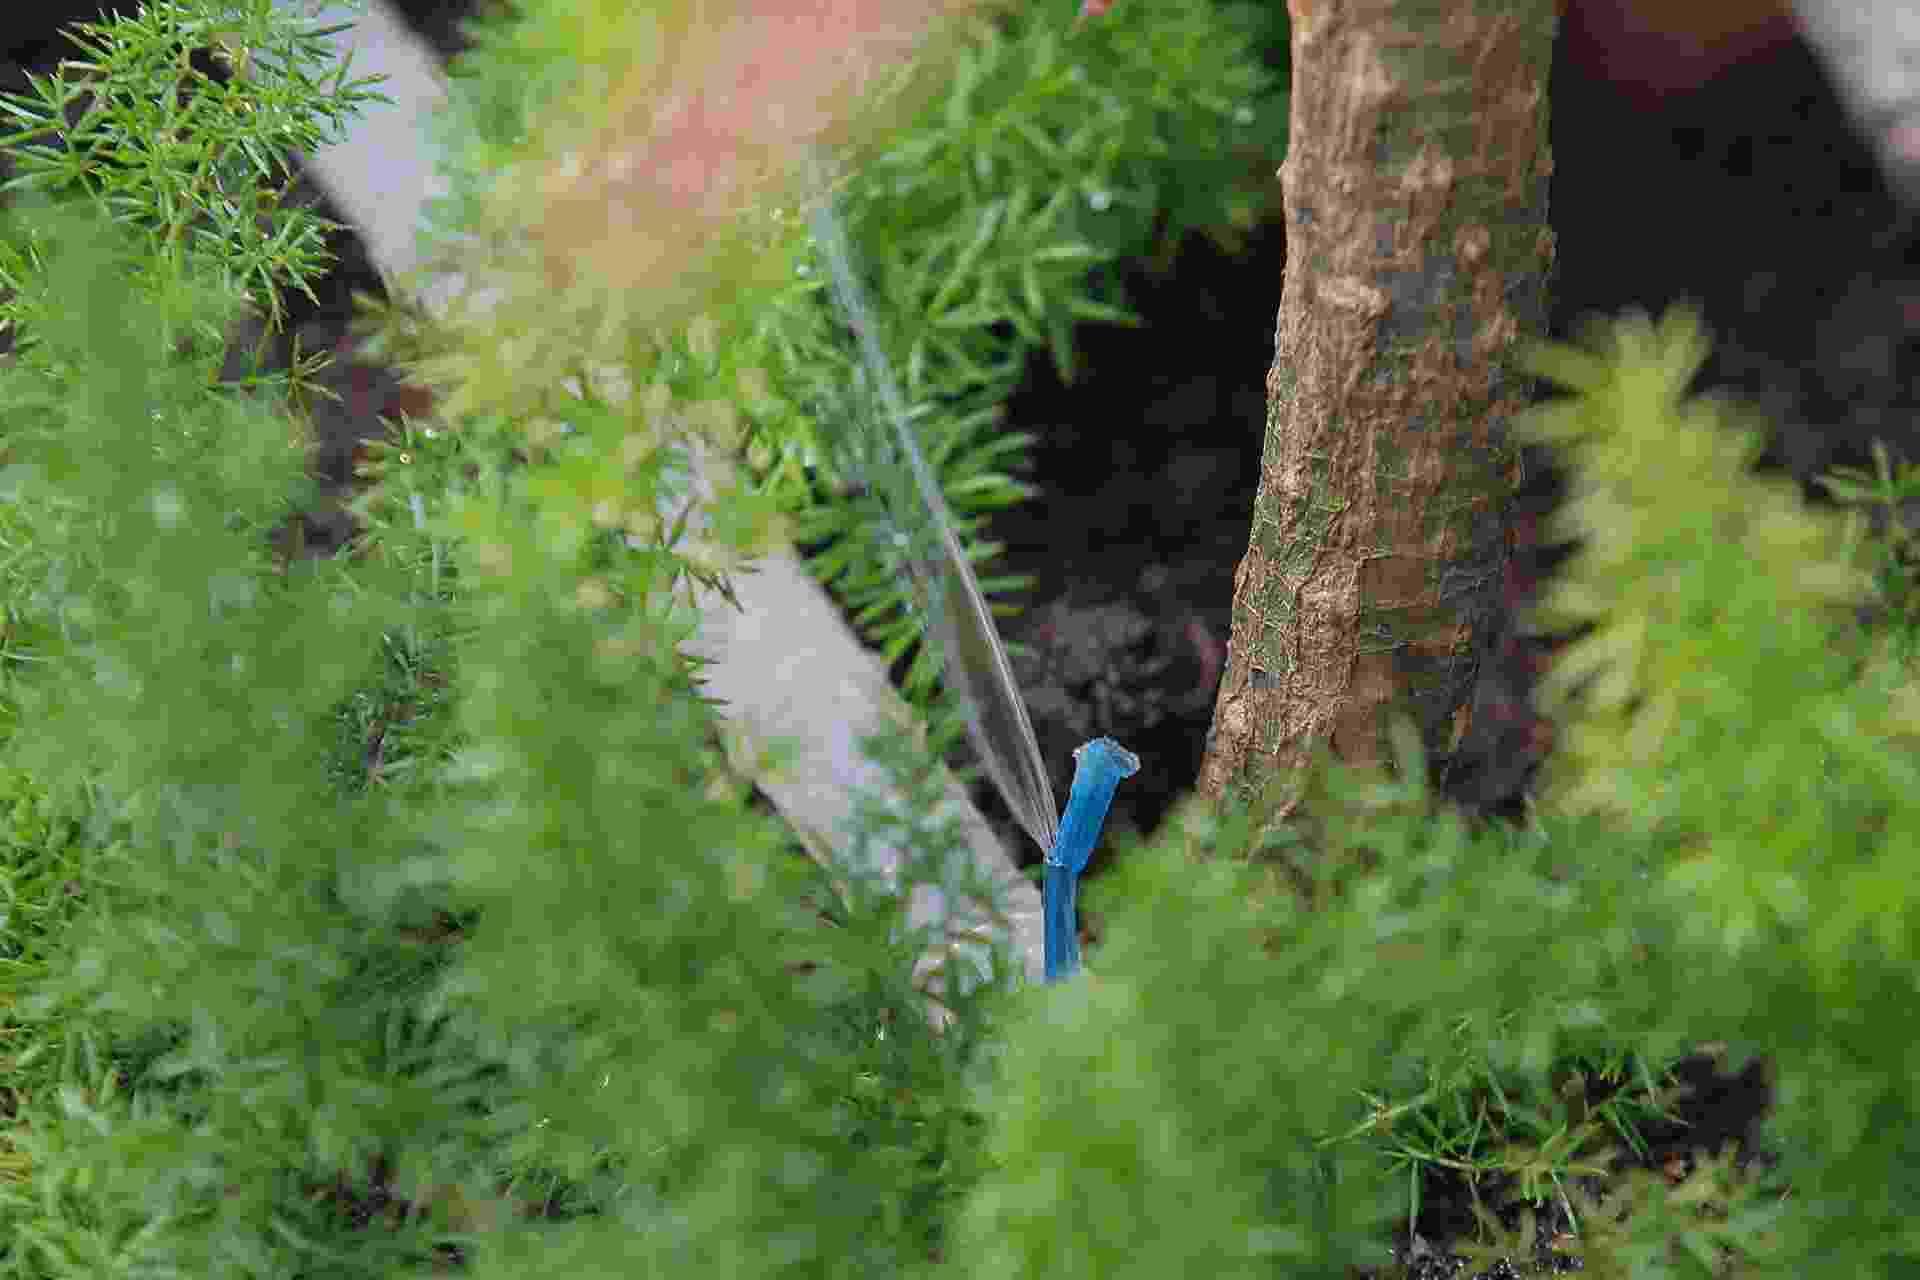 """Você adora plantas, mas sempre esquece de regá-las? Aprenda a fazer um gotejador para irrigar o jardim ou os vasos, que permite o controle do volume de água, evitando, assim, desperdícios e adequando a quantidade à demanda de cada espécie. O arquiteto e paisagista Ronaldo Kurita aprendeu com o avô a fazer um modelo composto por mangueira de jardim e tubinhos de hastes flexíveis. Ele topou dividir esse """"segredo de família"""" com o UOL Casa e Decoração. Faça um você também! - Reinaldo Canato/ UOL"""